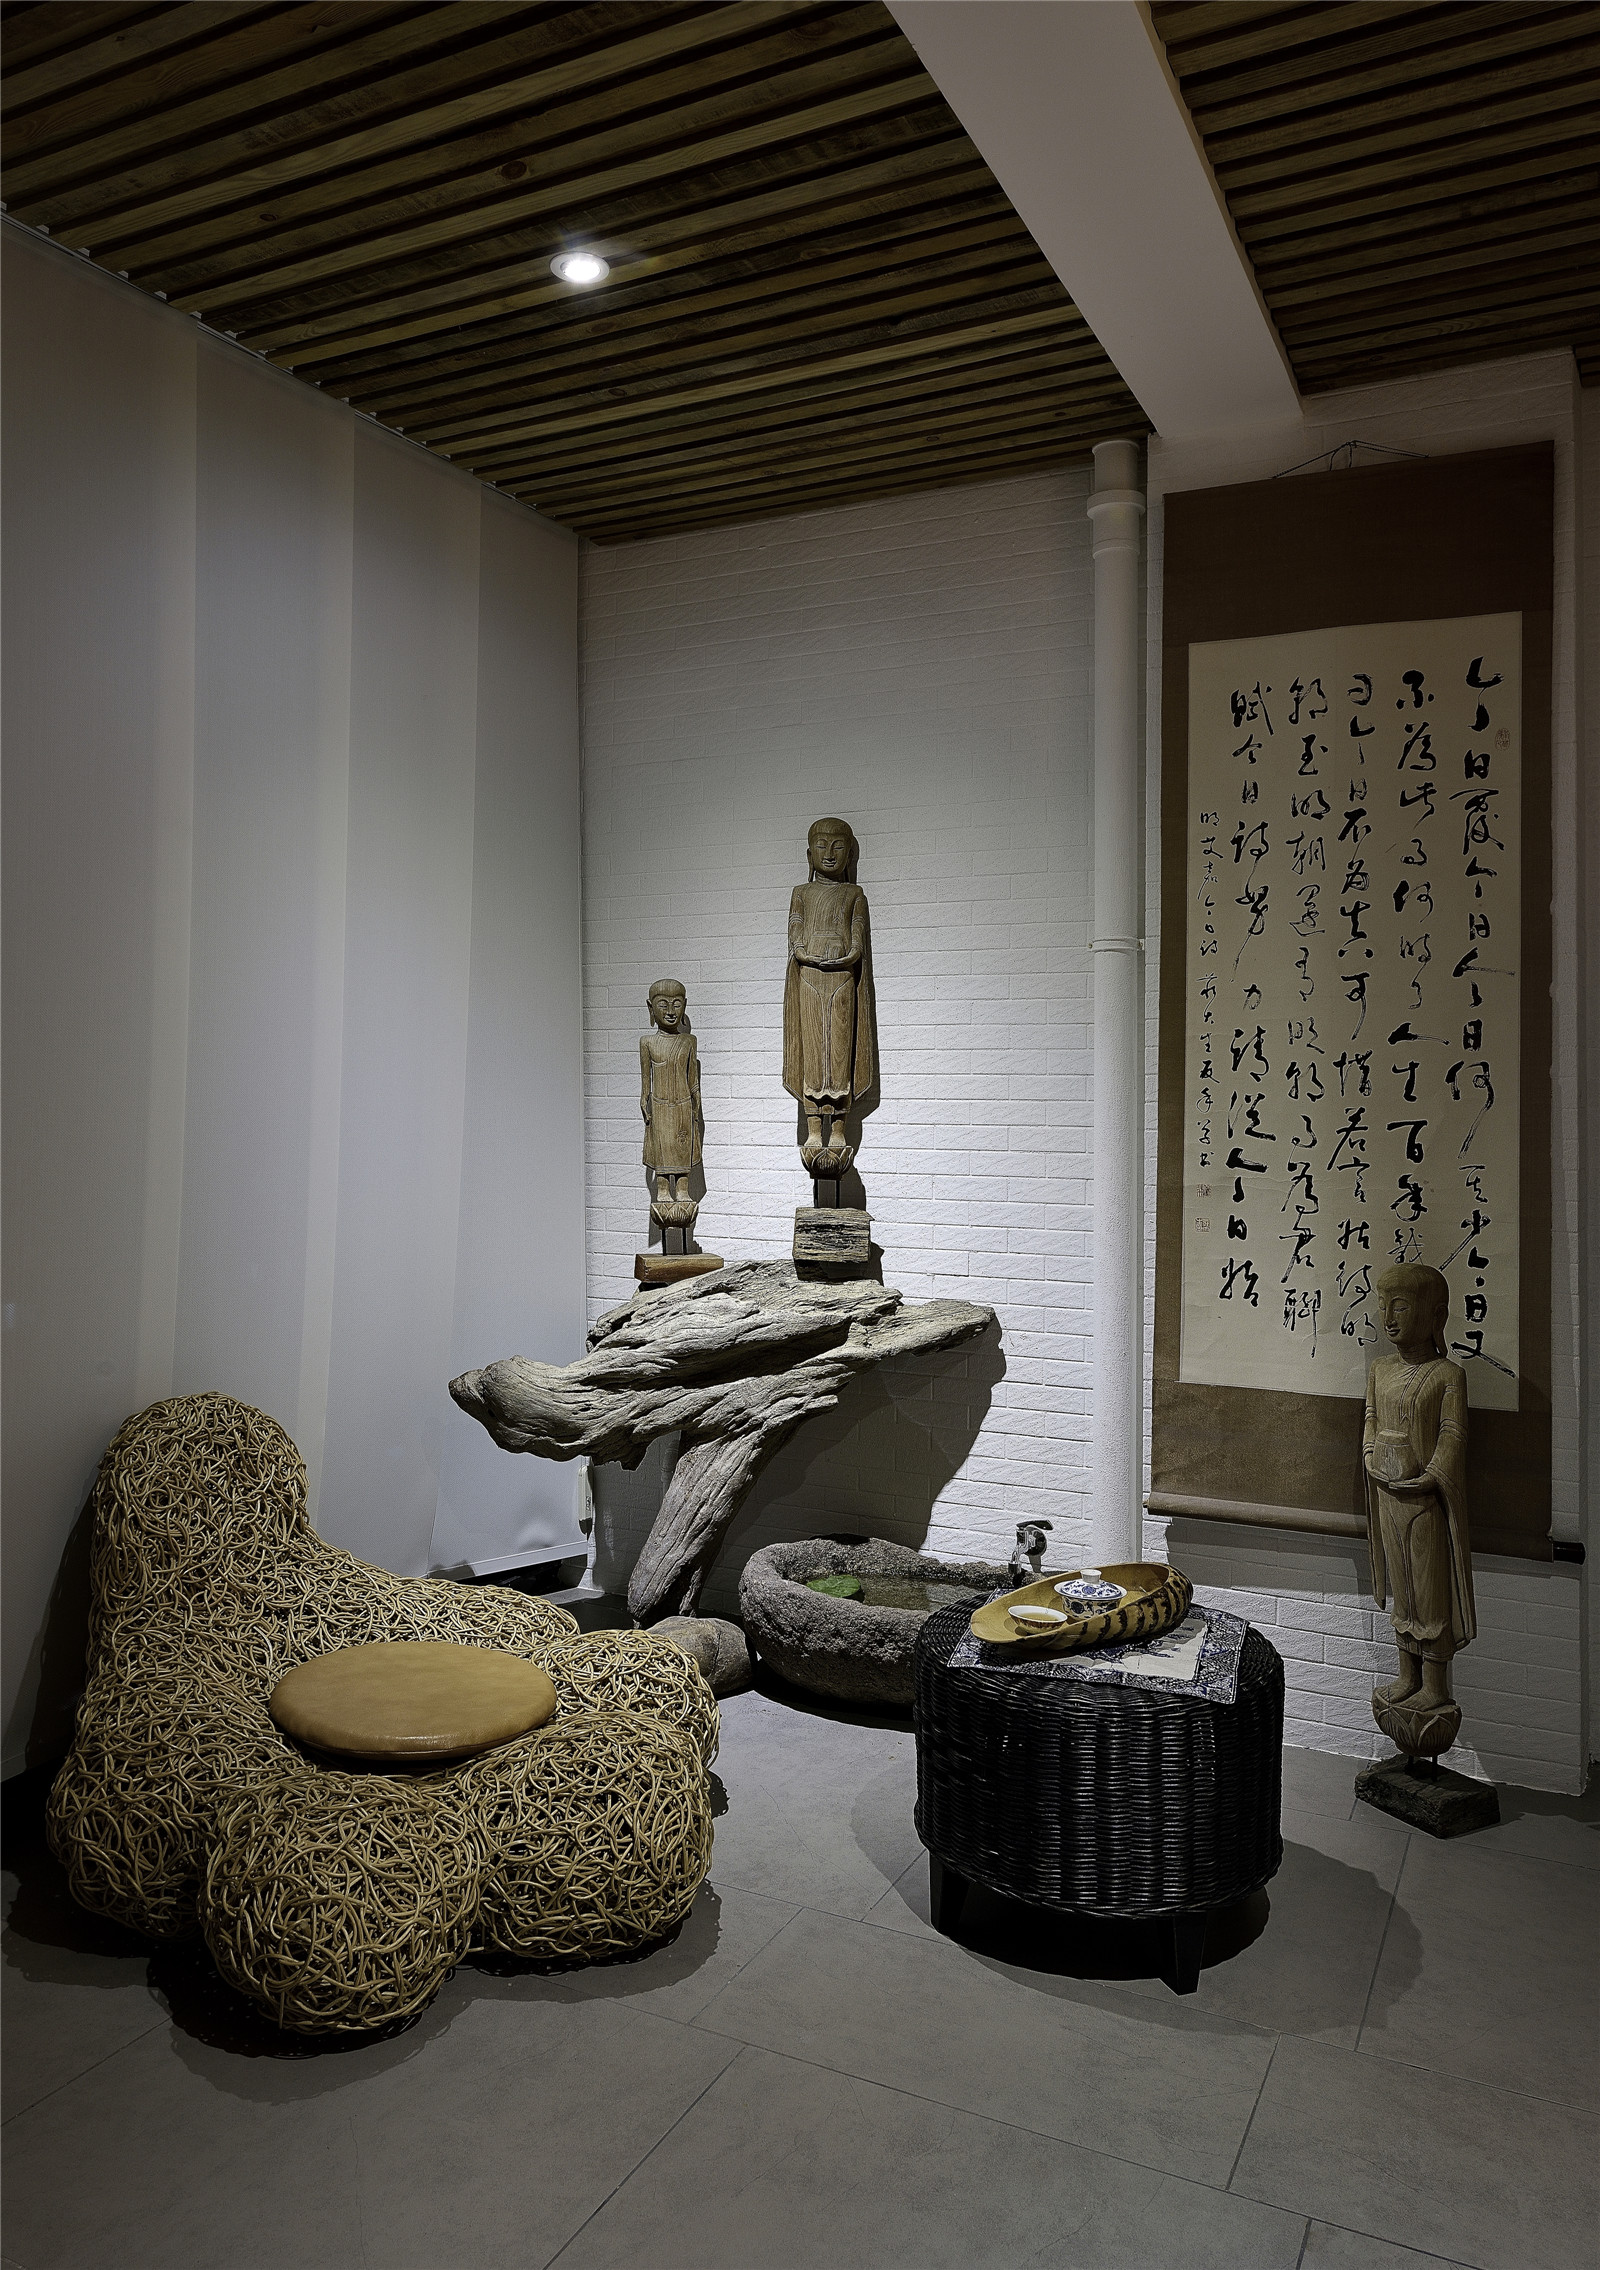 二居 旧房改造 新中式风格 北京装修 装修效果图 客厅图片来自爱尚易格装饰在爱尚易格海淀区惠普南里的分享